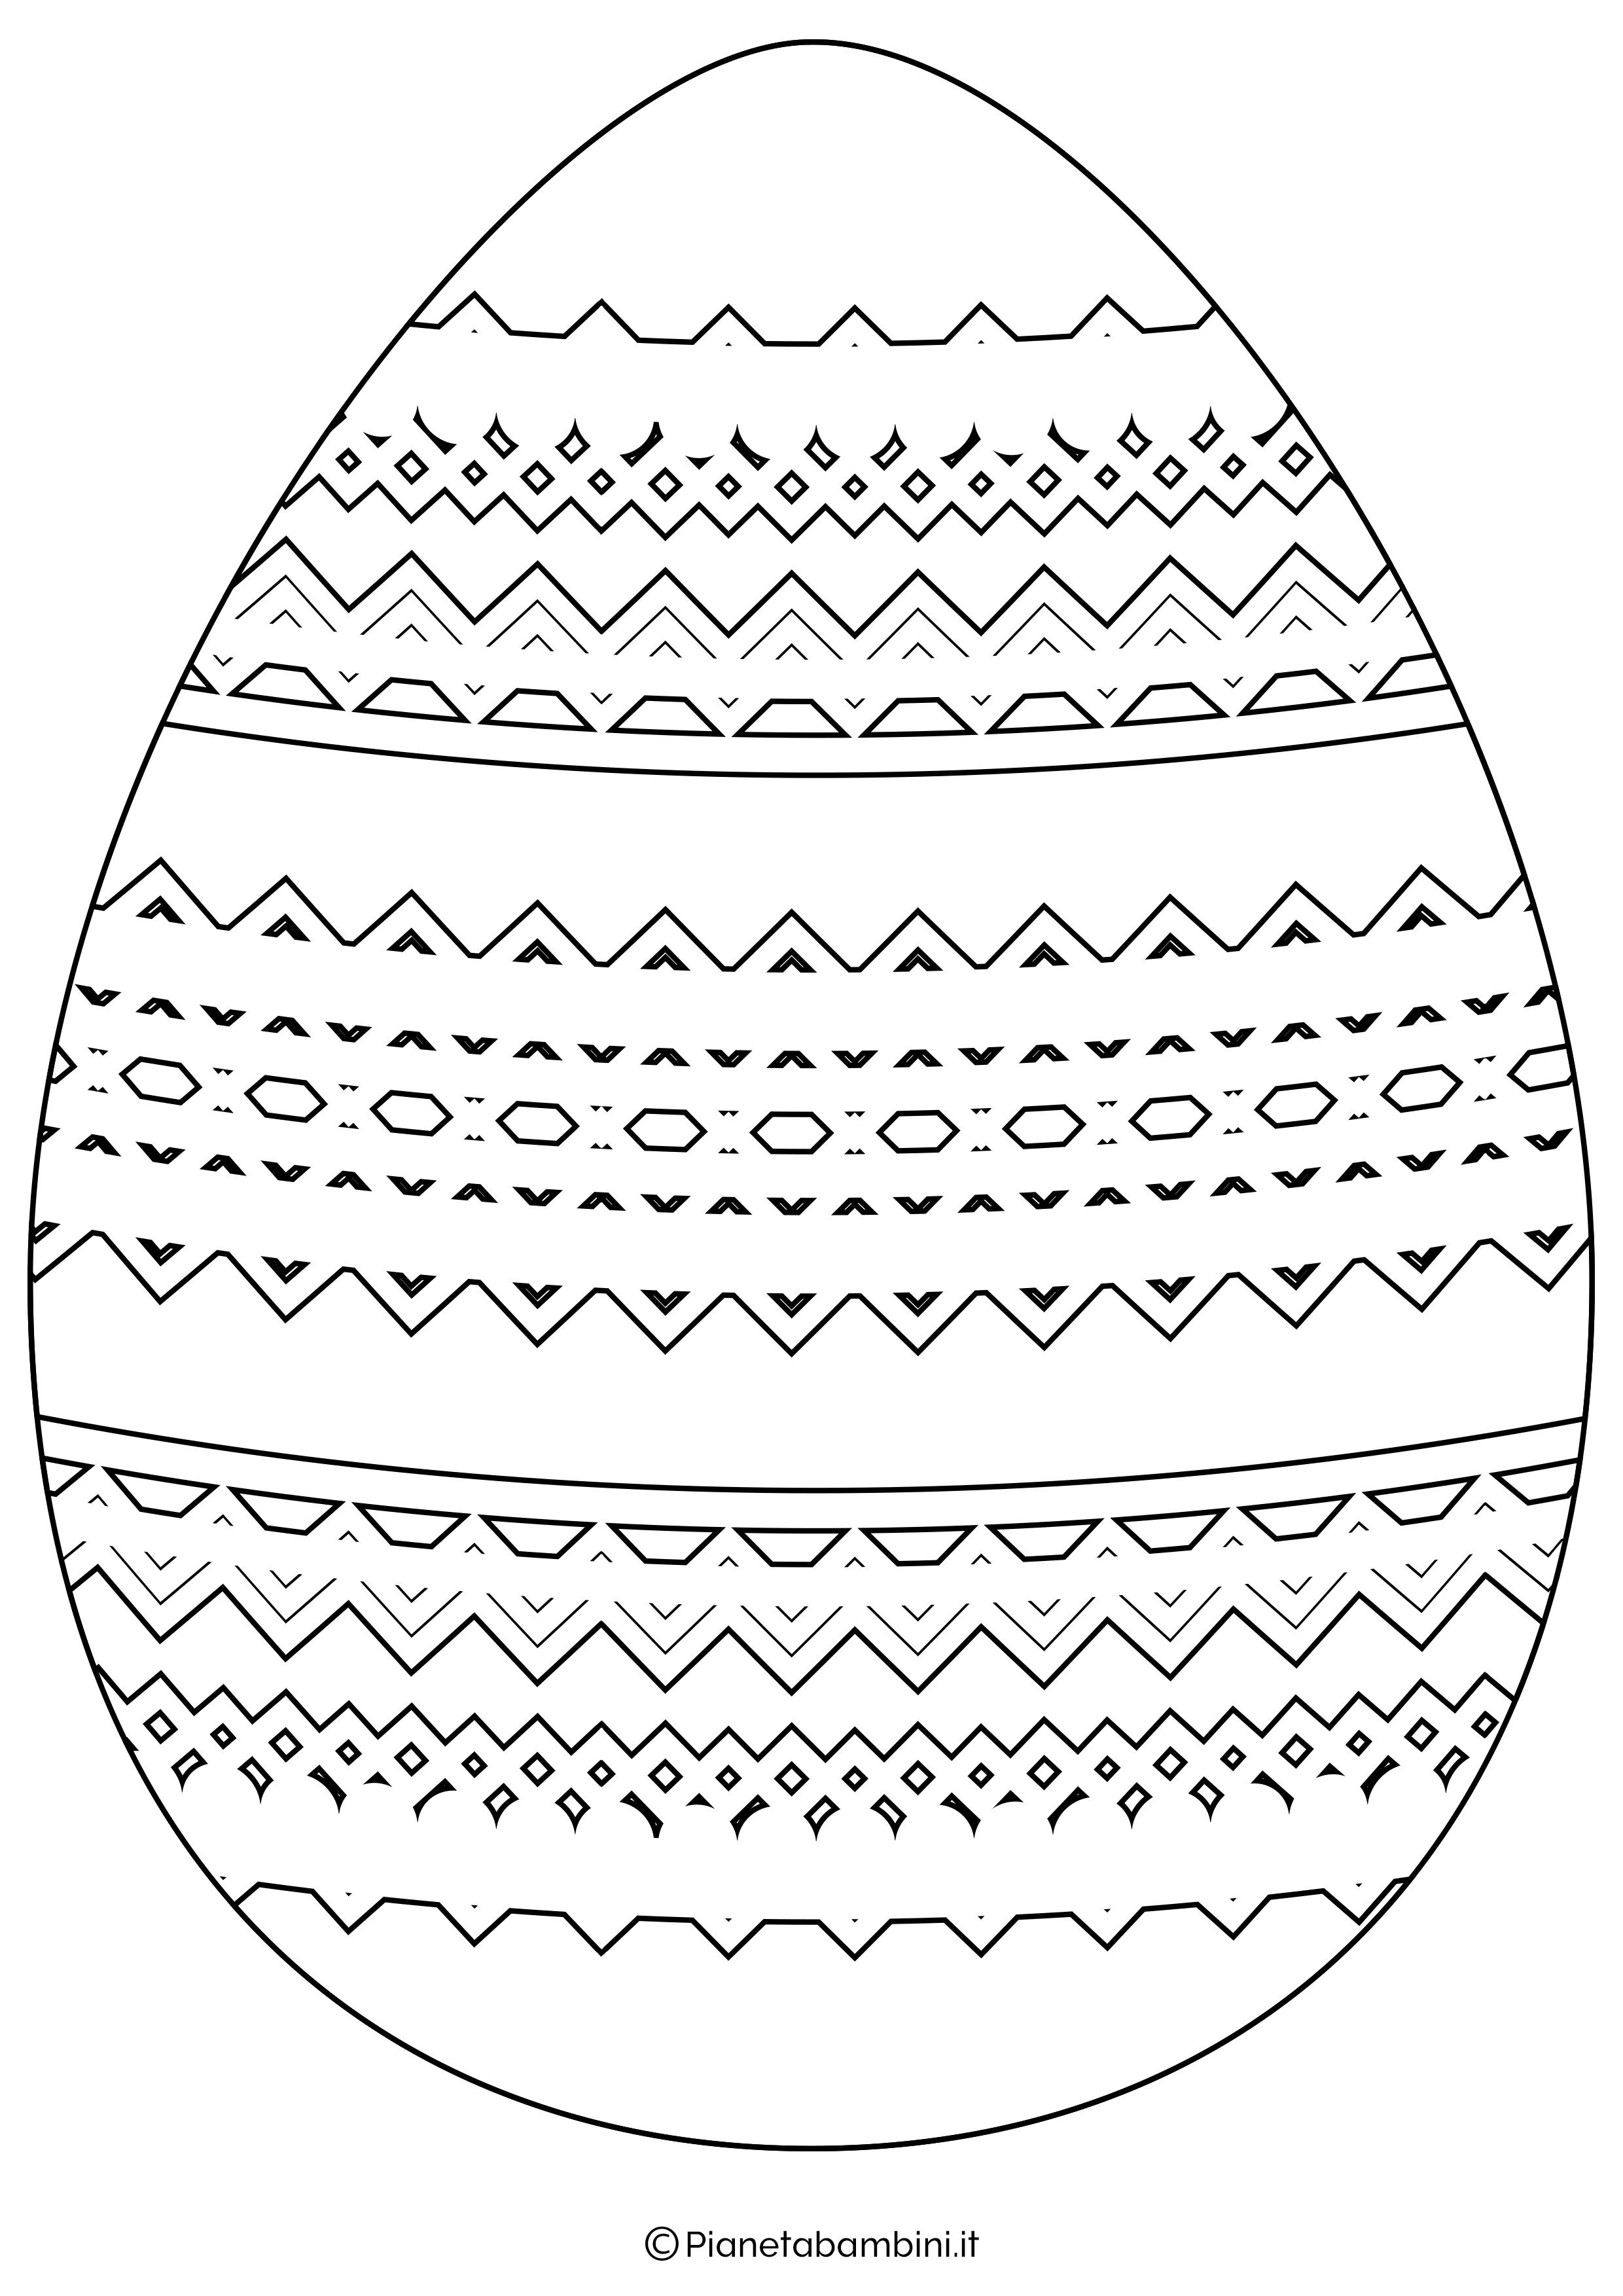 Disegno-Uova-Pasqua-09